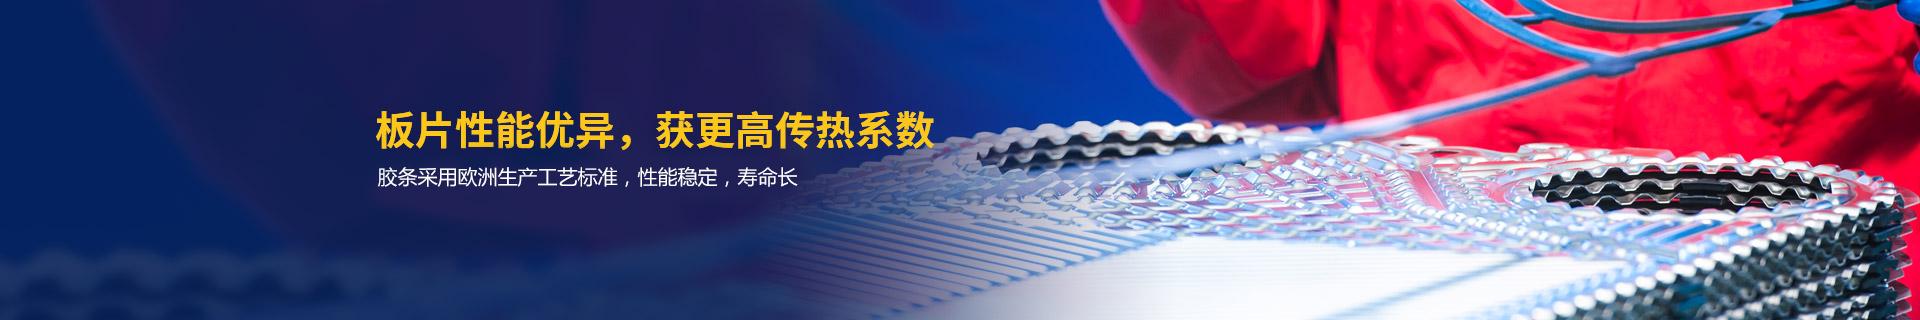 瑞普特板片性能优异,获更高传热系数